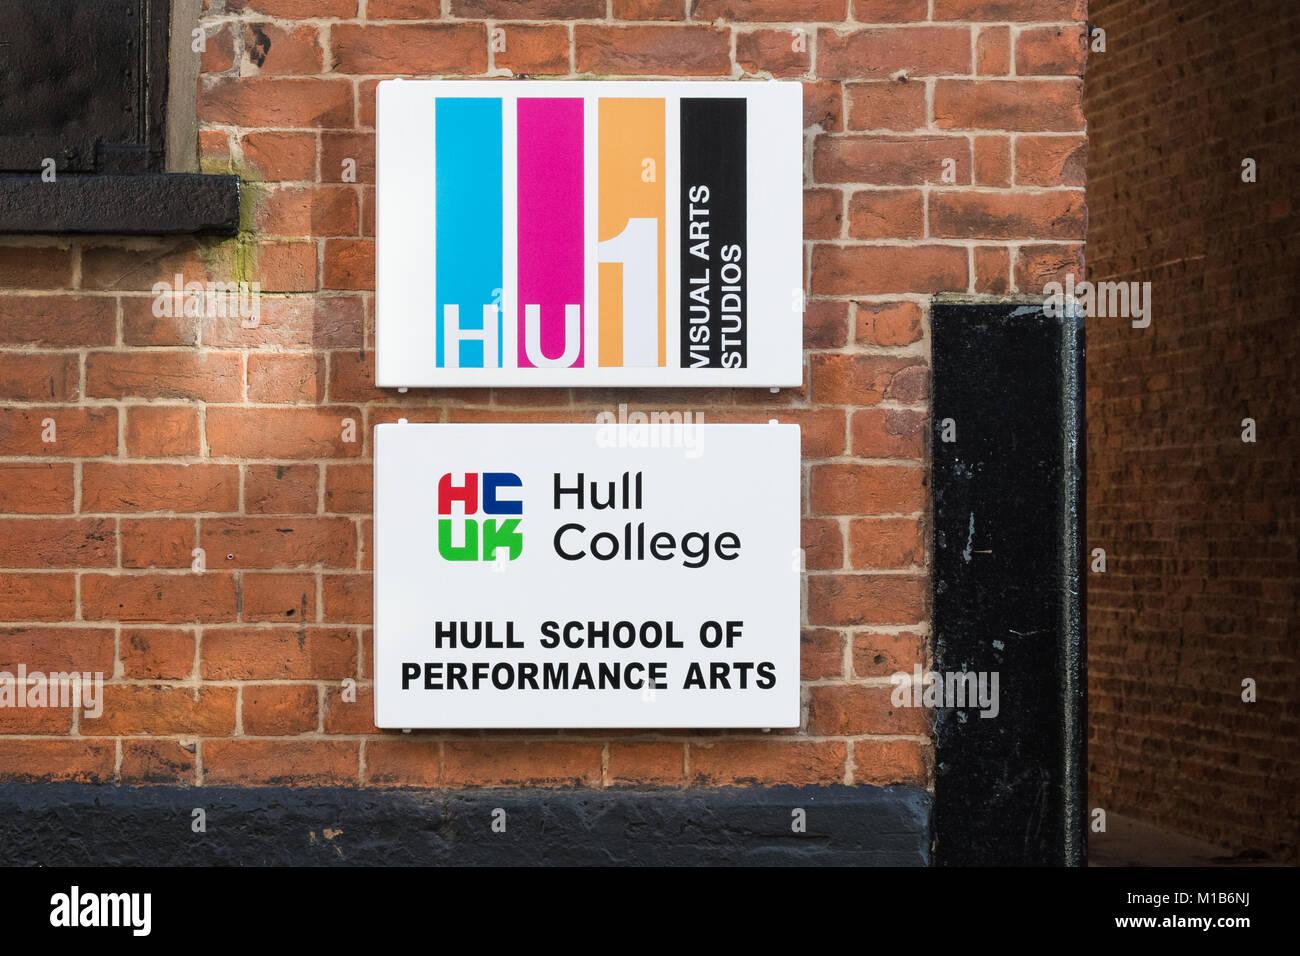 HU1 Estudios de Artes Visuales, Escuela de Artes de rendimiento Hull, Hull College, Hull, Inglaterra, Reino Unido. Imagen De Stock